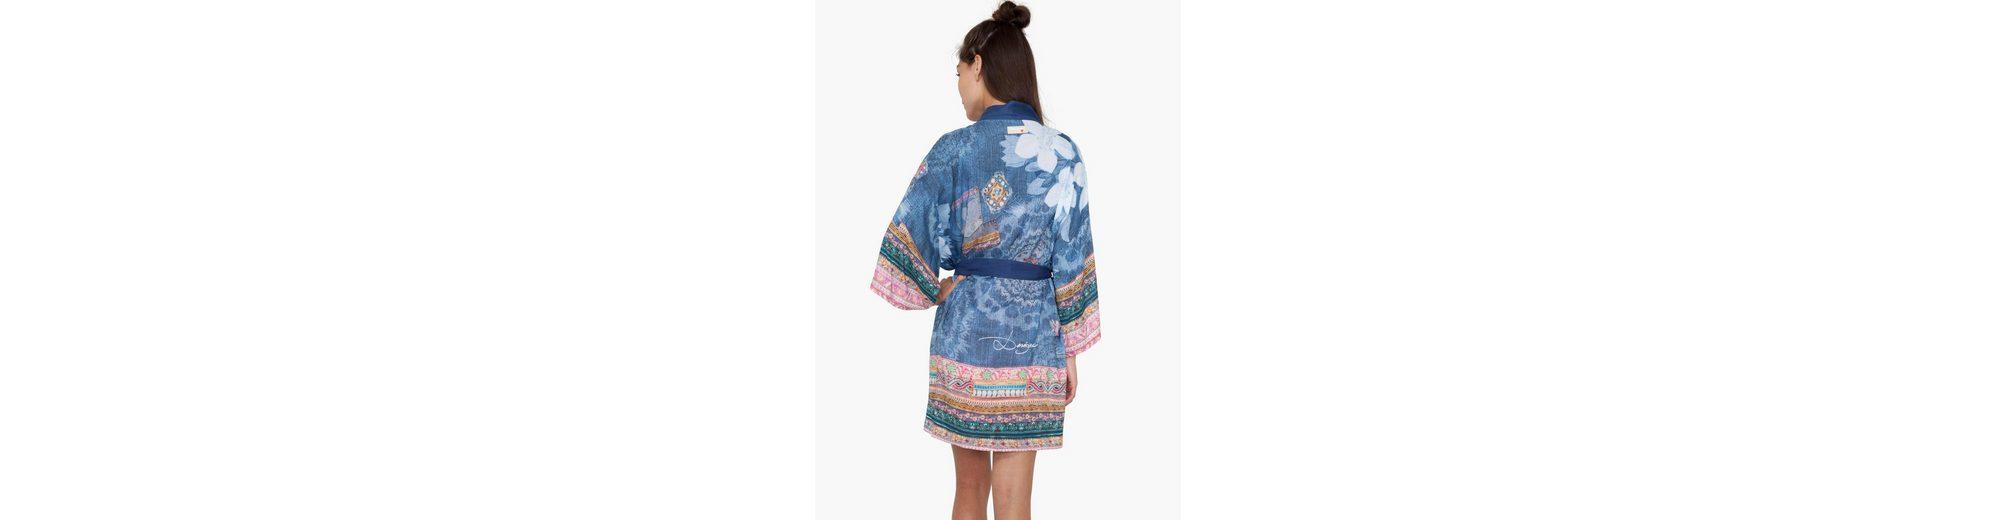 Desigual Leichter Kimono mit Bindeband Niedriger Preis Versandkosten Für Online Große Überraschung Günstiger Preis Steckdose Mit Paypal SGmvqBU5n